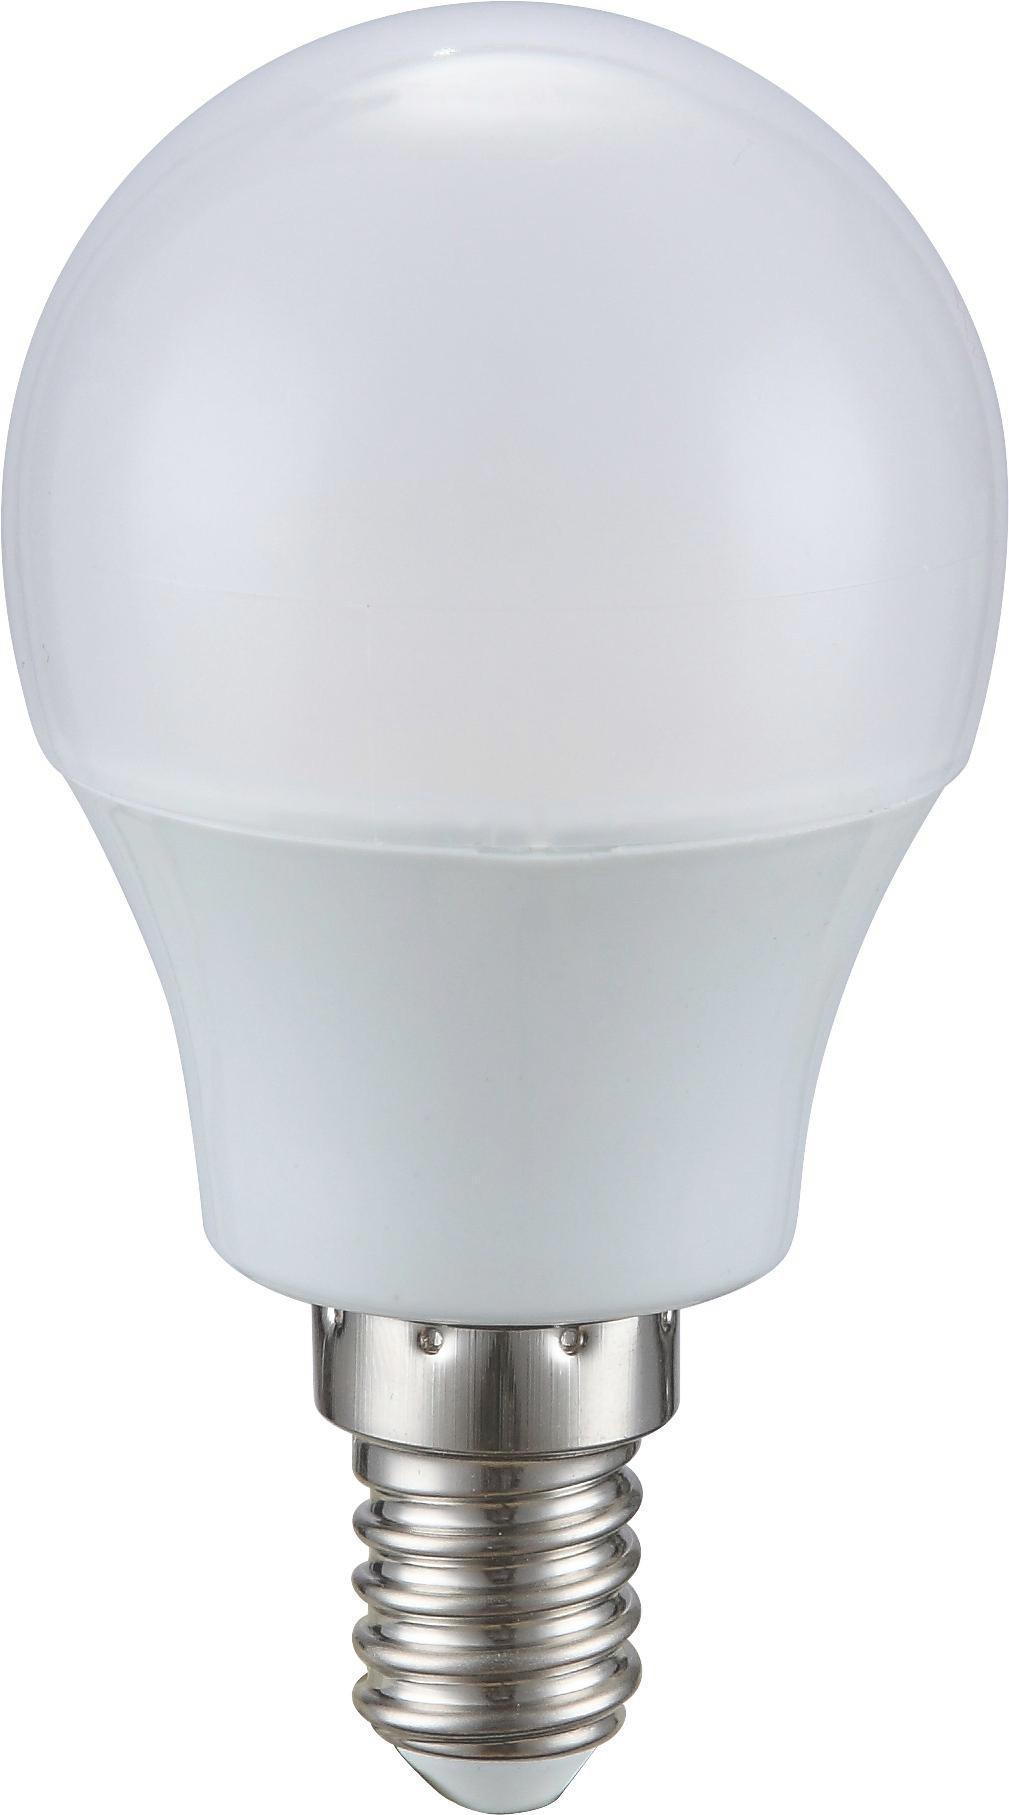 LED-Leuchtmittel Multi, 3 Watt - Weiß (45/82cm) - MÖMAX modern living